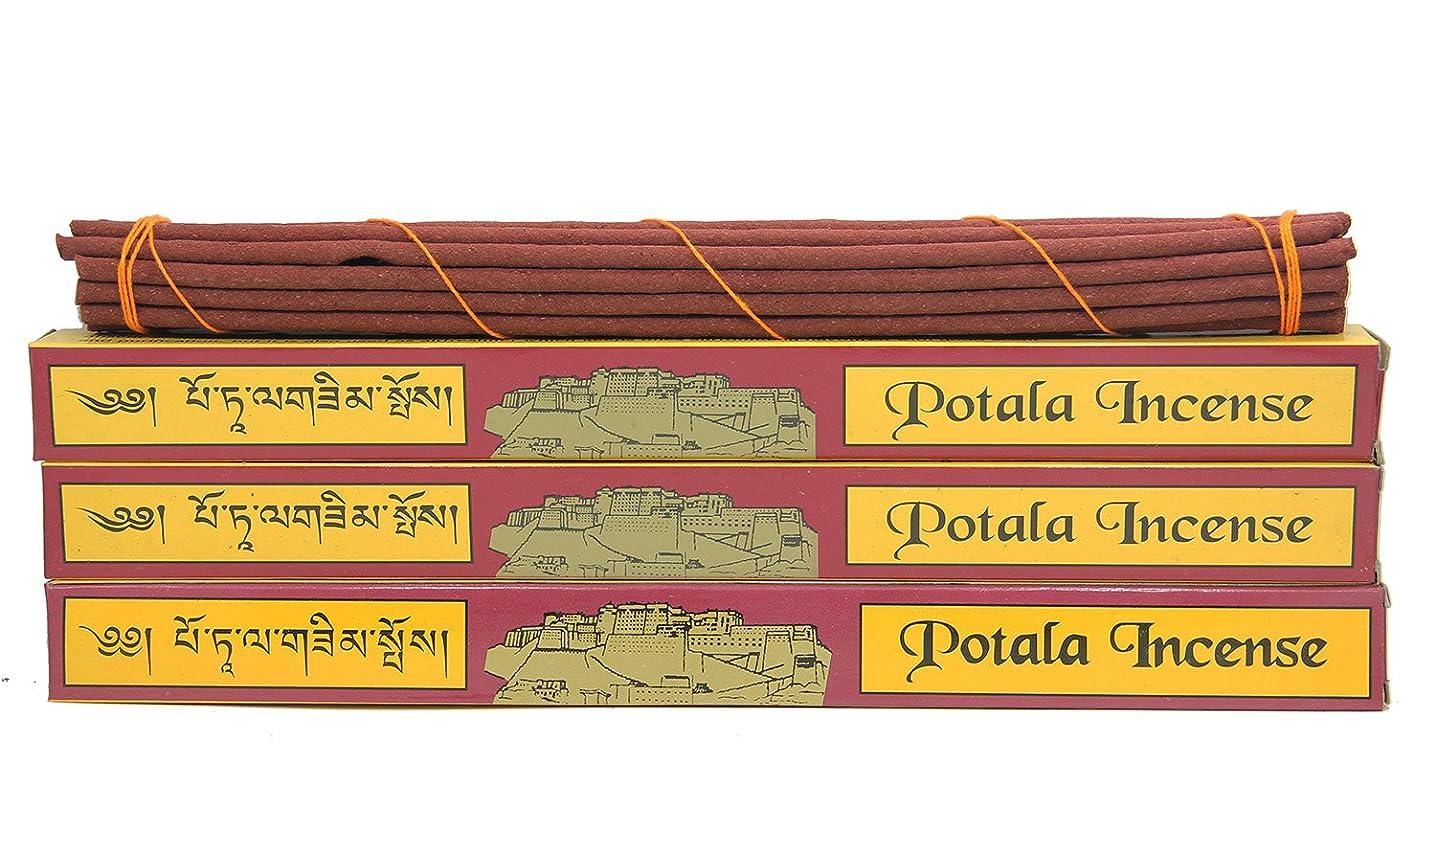 補助兄弟愛ヒロイックDharmaObjects 3ボックス元チベット従来Potala Incense Large 60 Sticks レッド 14139981